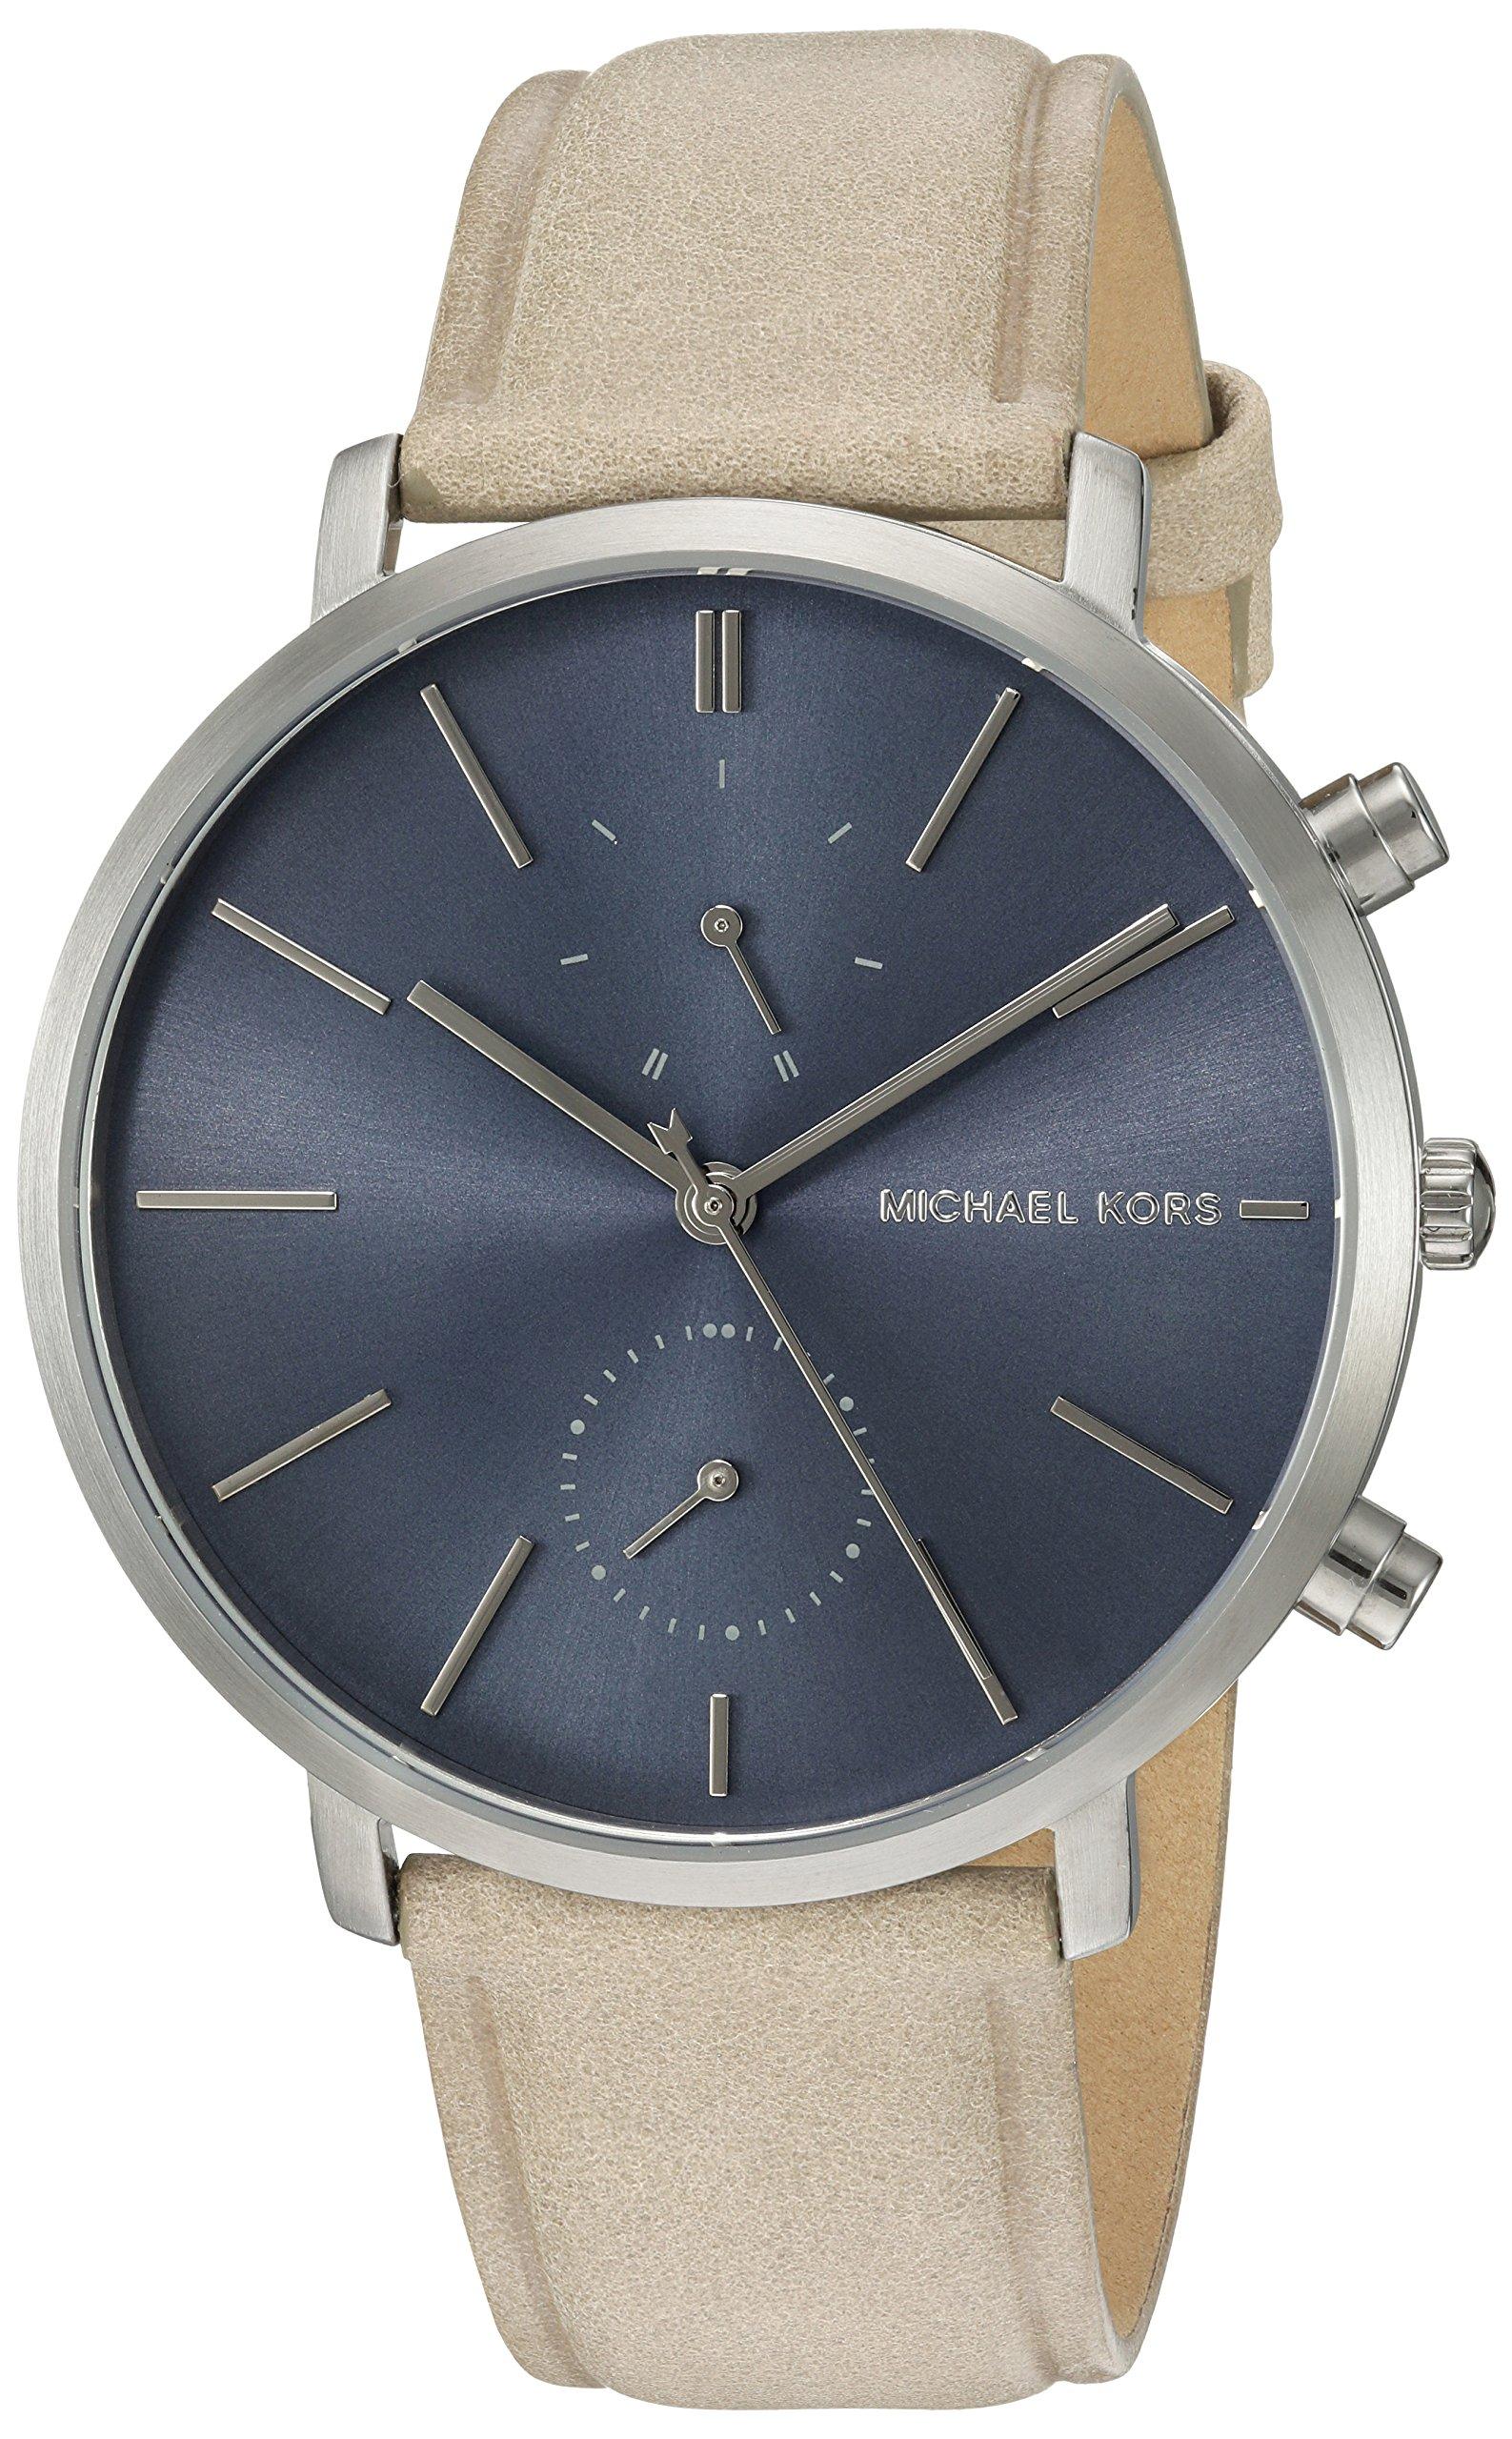 Michael Kors Reloj Analógico para Hombre de Cuarzo con Correa en Cuero MK8540